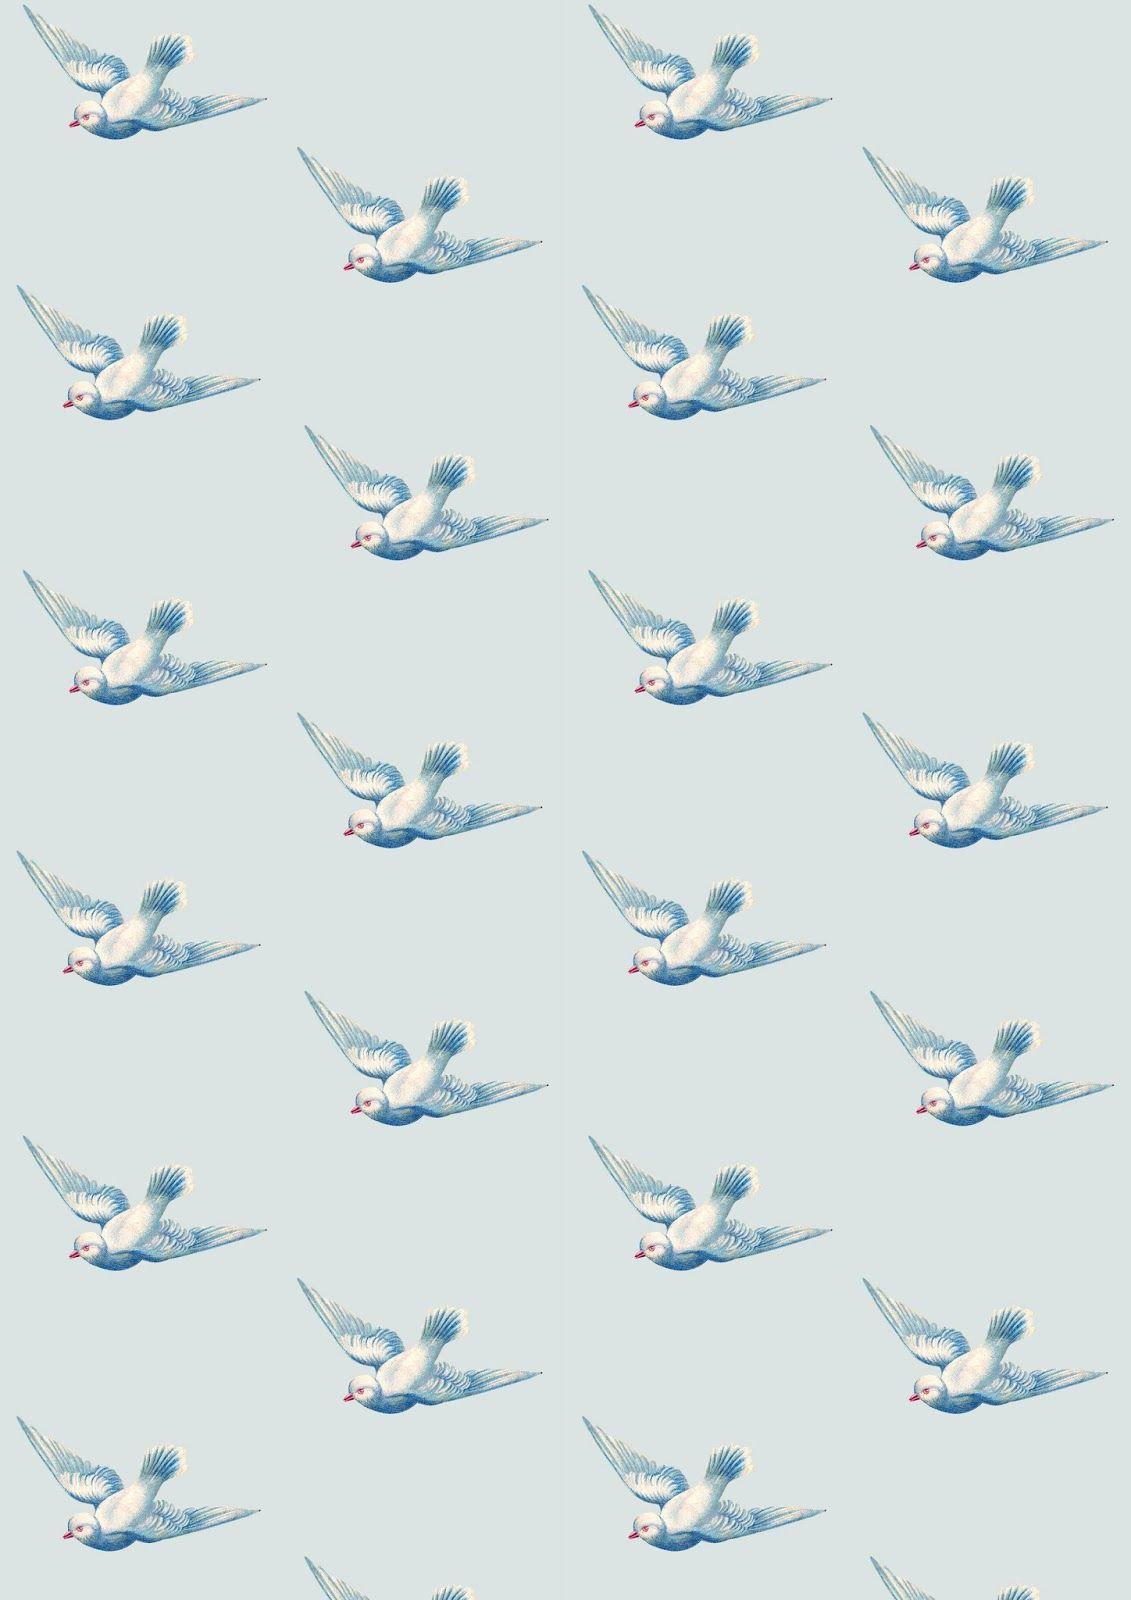 Pin De Claudia Ribeirao De Freitas Em Patterns Birds And Feathers